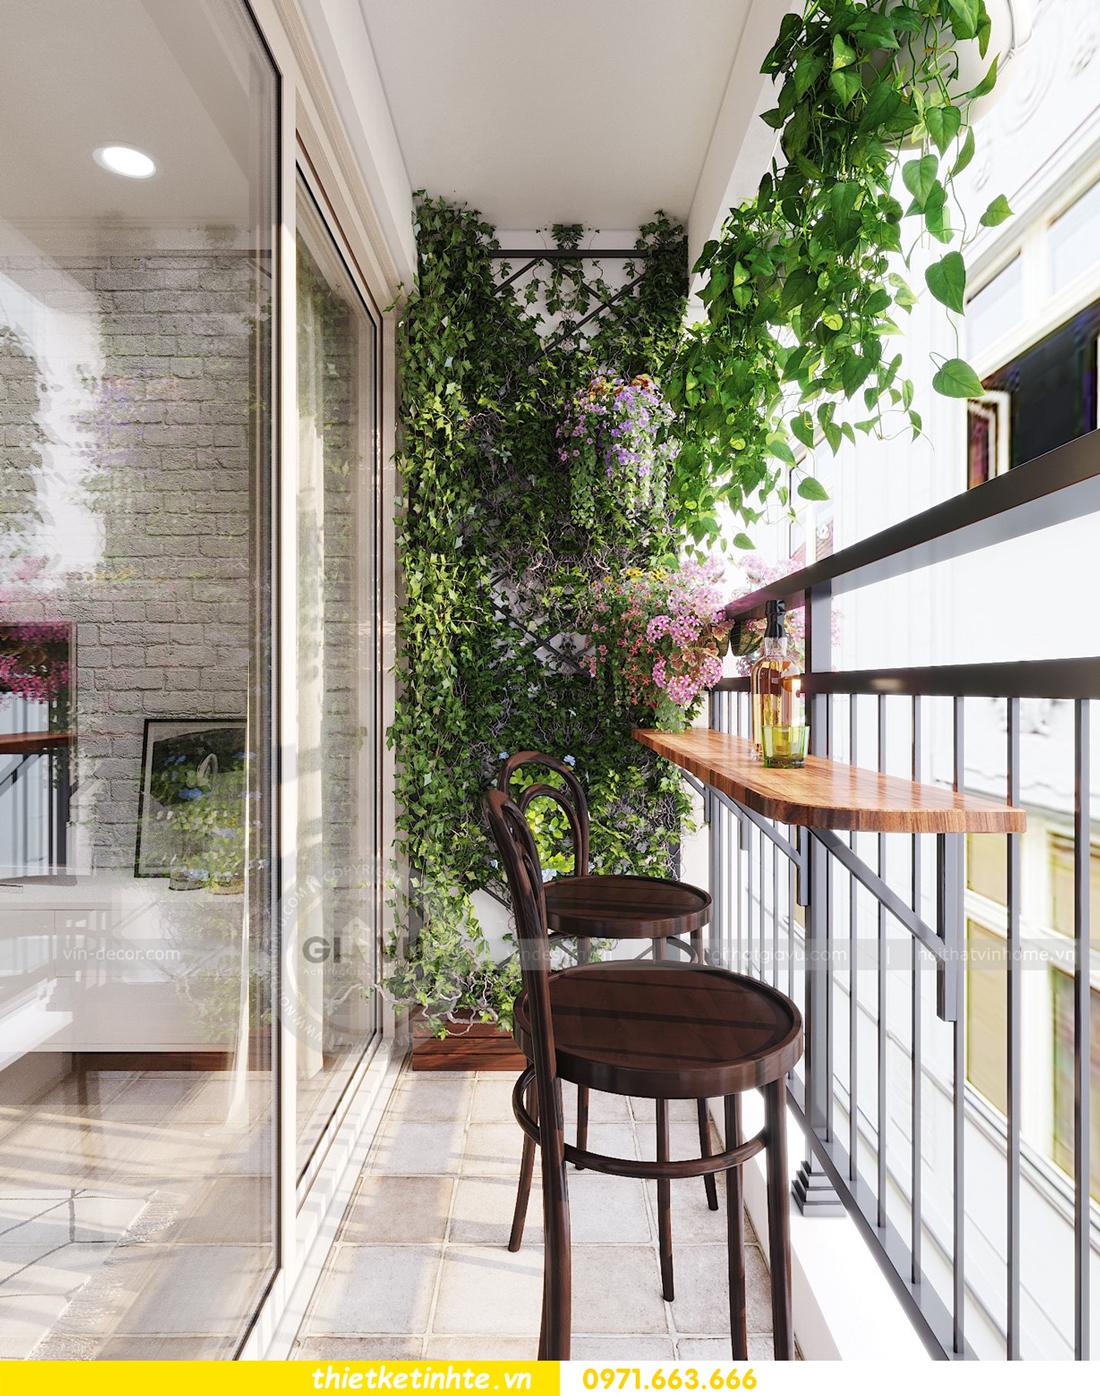 thiết kế nội thất căn hộ hiện đại anh bách chung cư Seasons Avenue 05